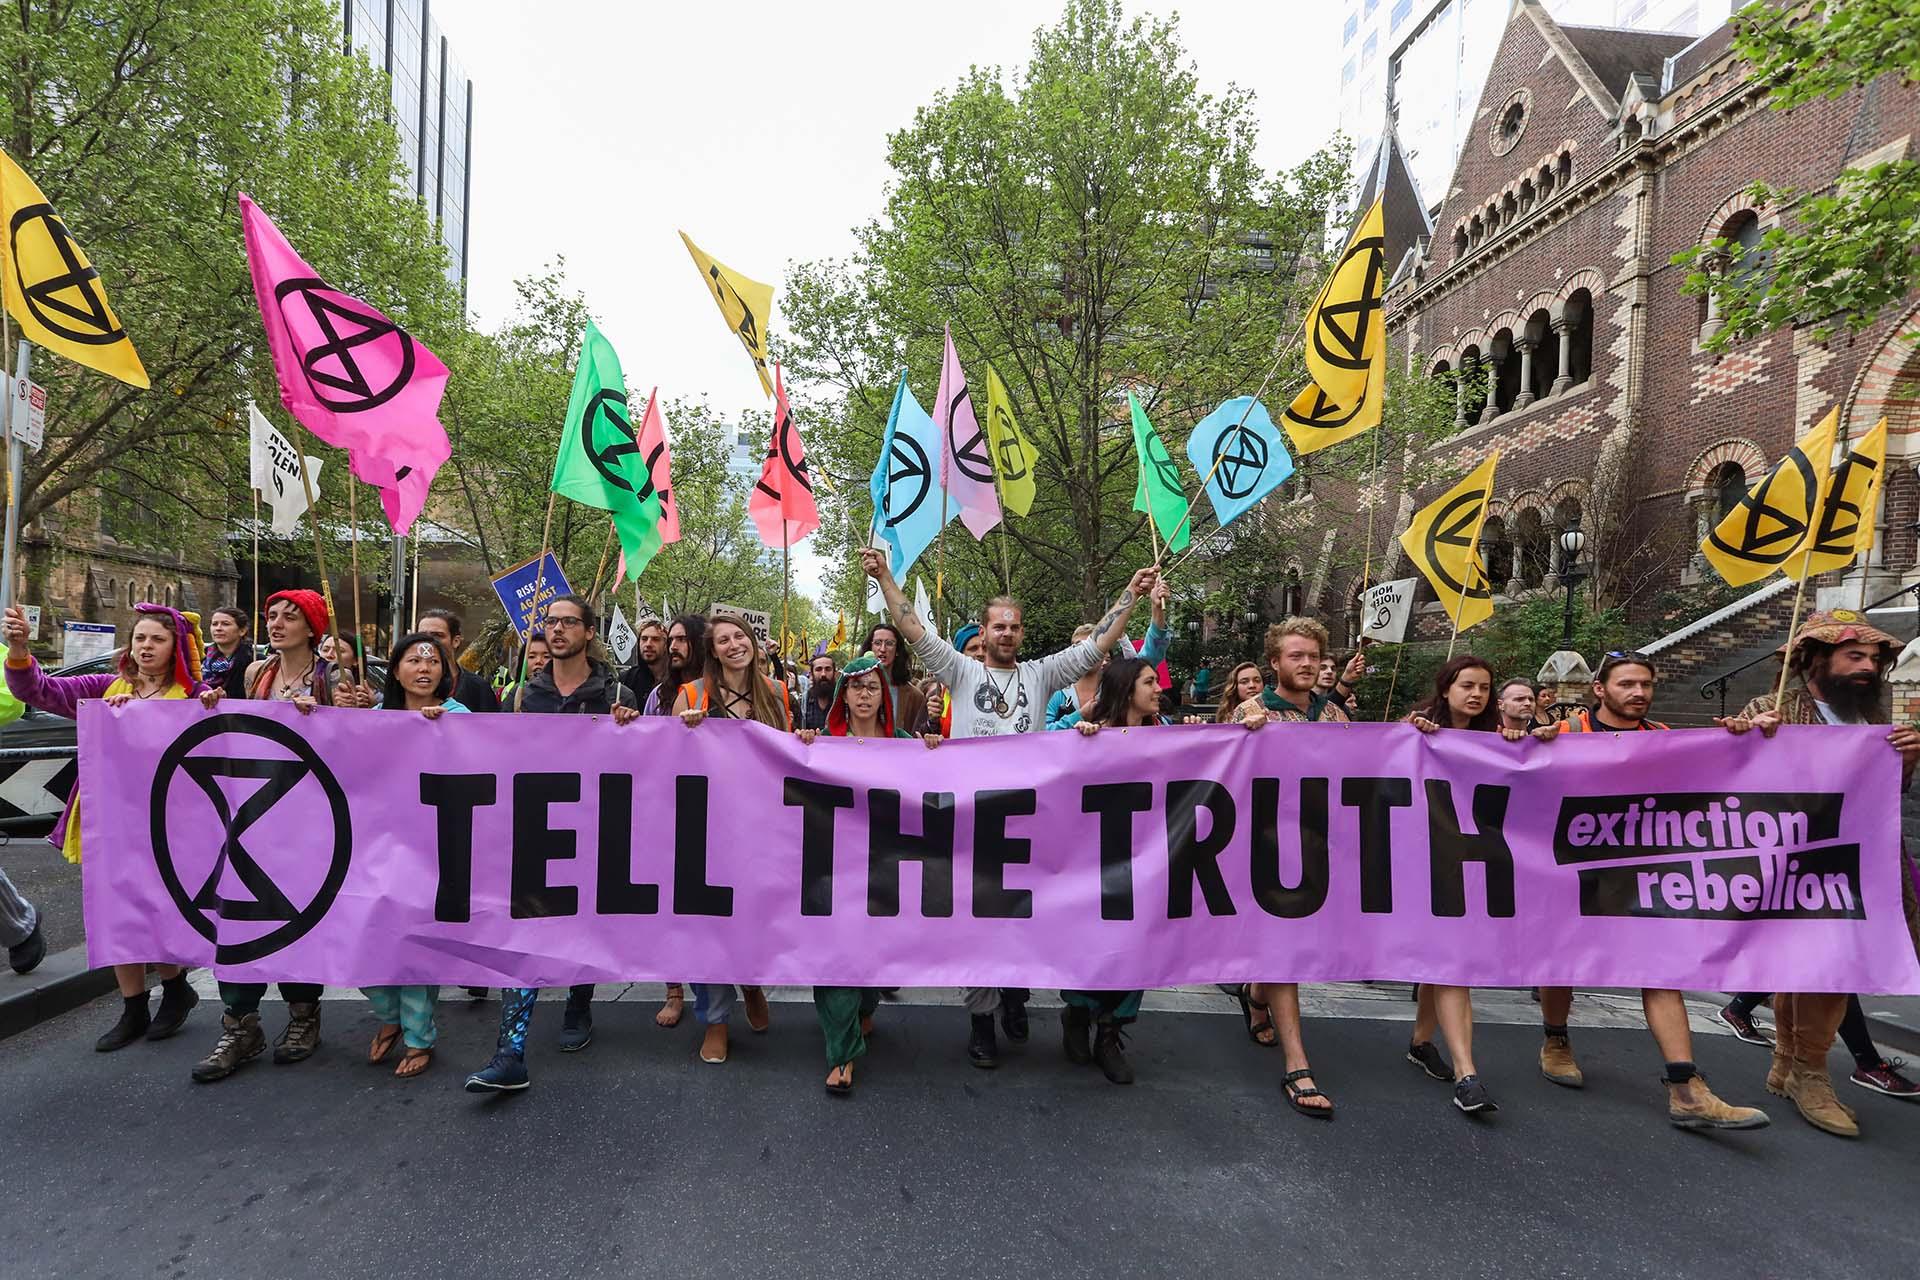 Manifestantes marchan en una calle durante una protesta de rebelión de extinción en Melbourne el 7 de octubre de 2019. (Foto de ASANKA BRENDON RATNAYAKE / AFP)